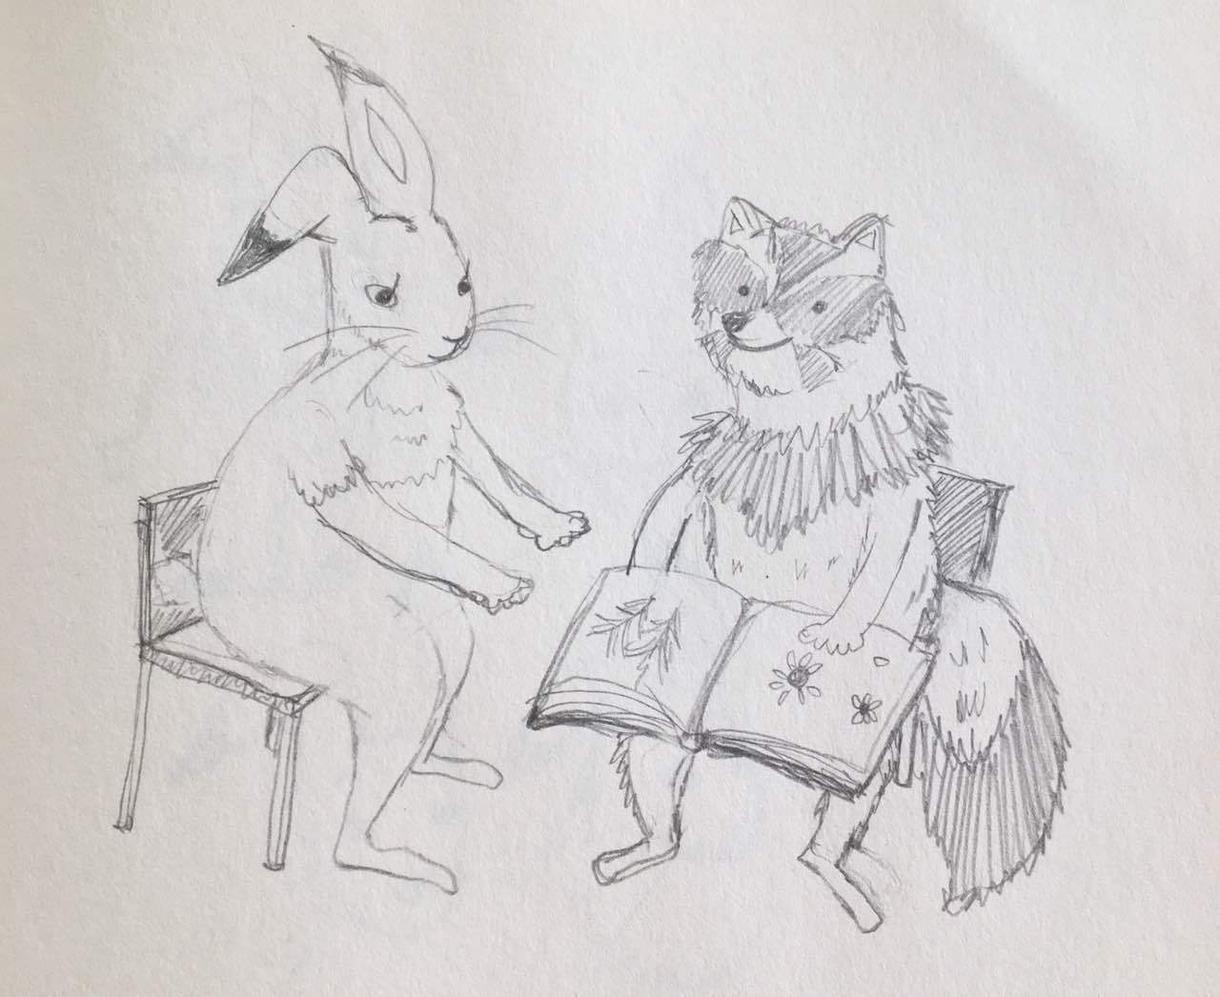 挿絵を描きます 絵本、小説の挿絵を水彩イラストで描きます。